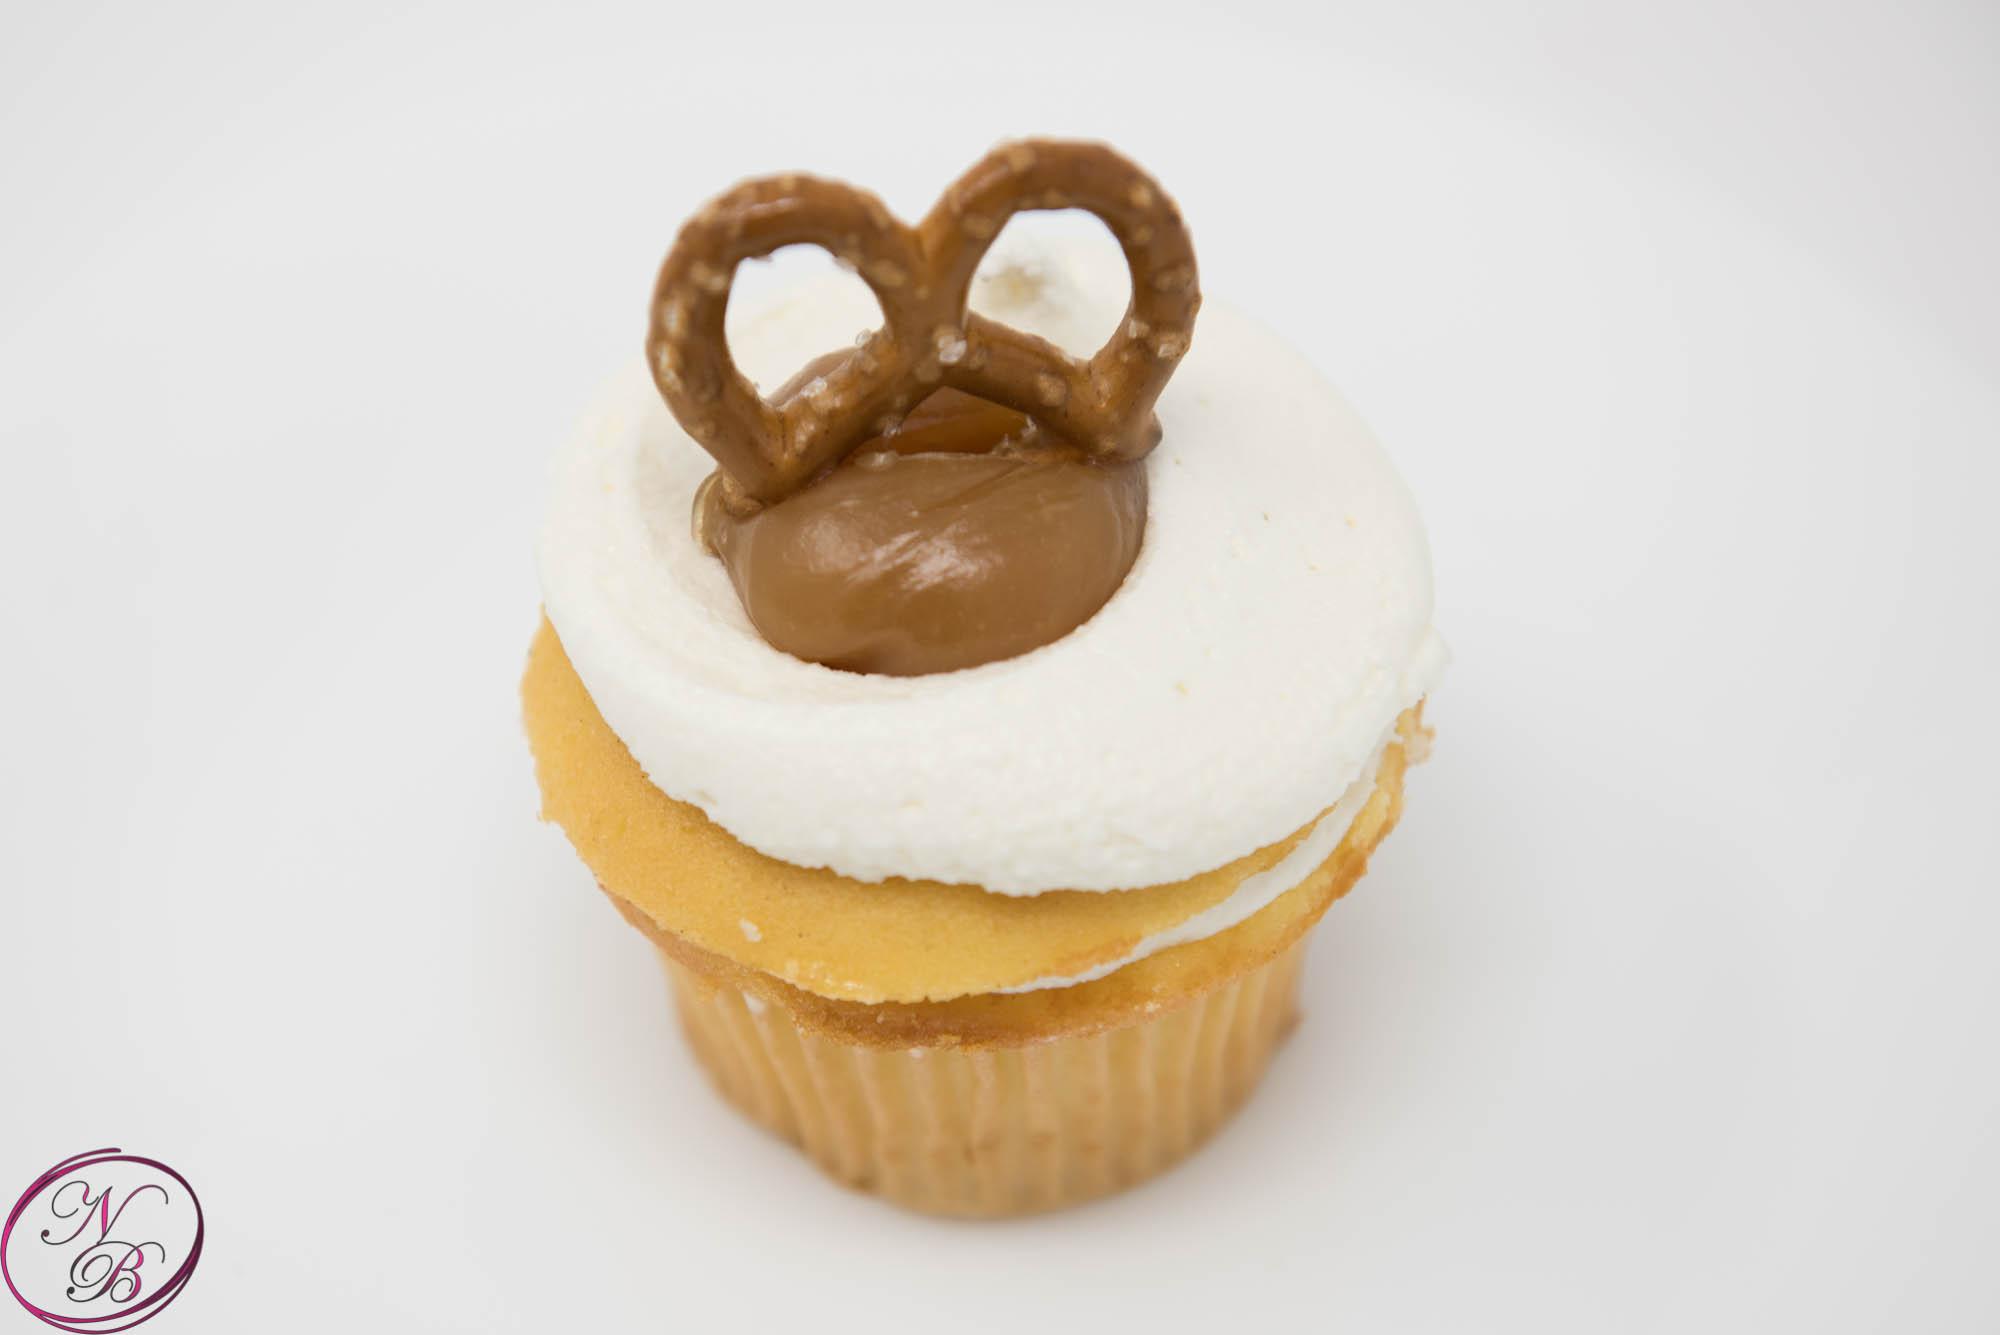 Sea Salt Caramel Cupcake